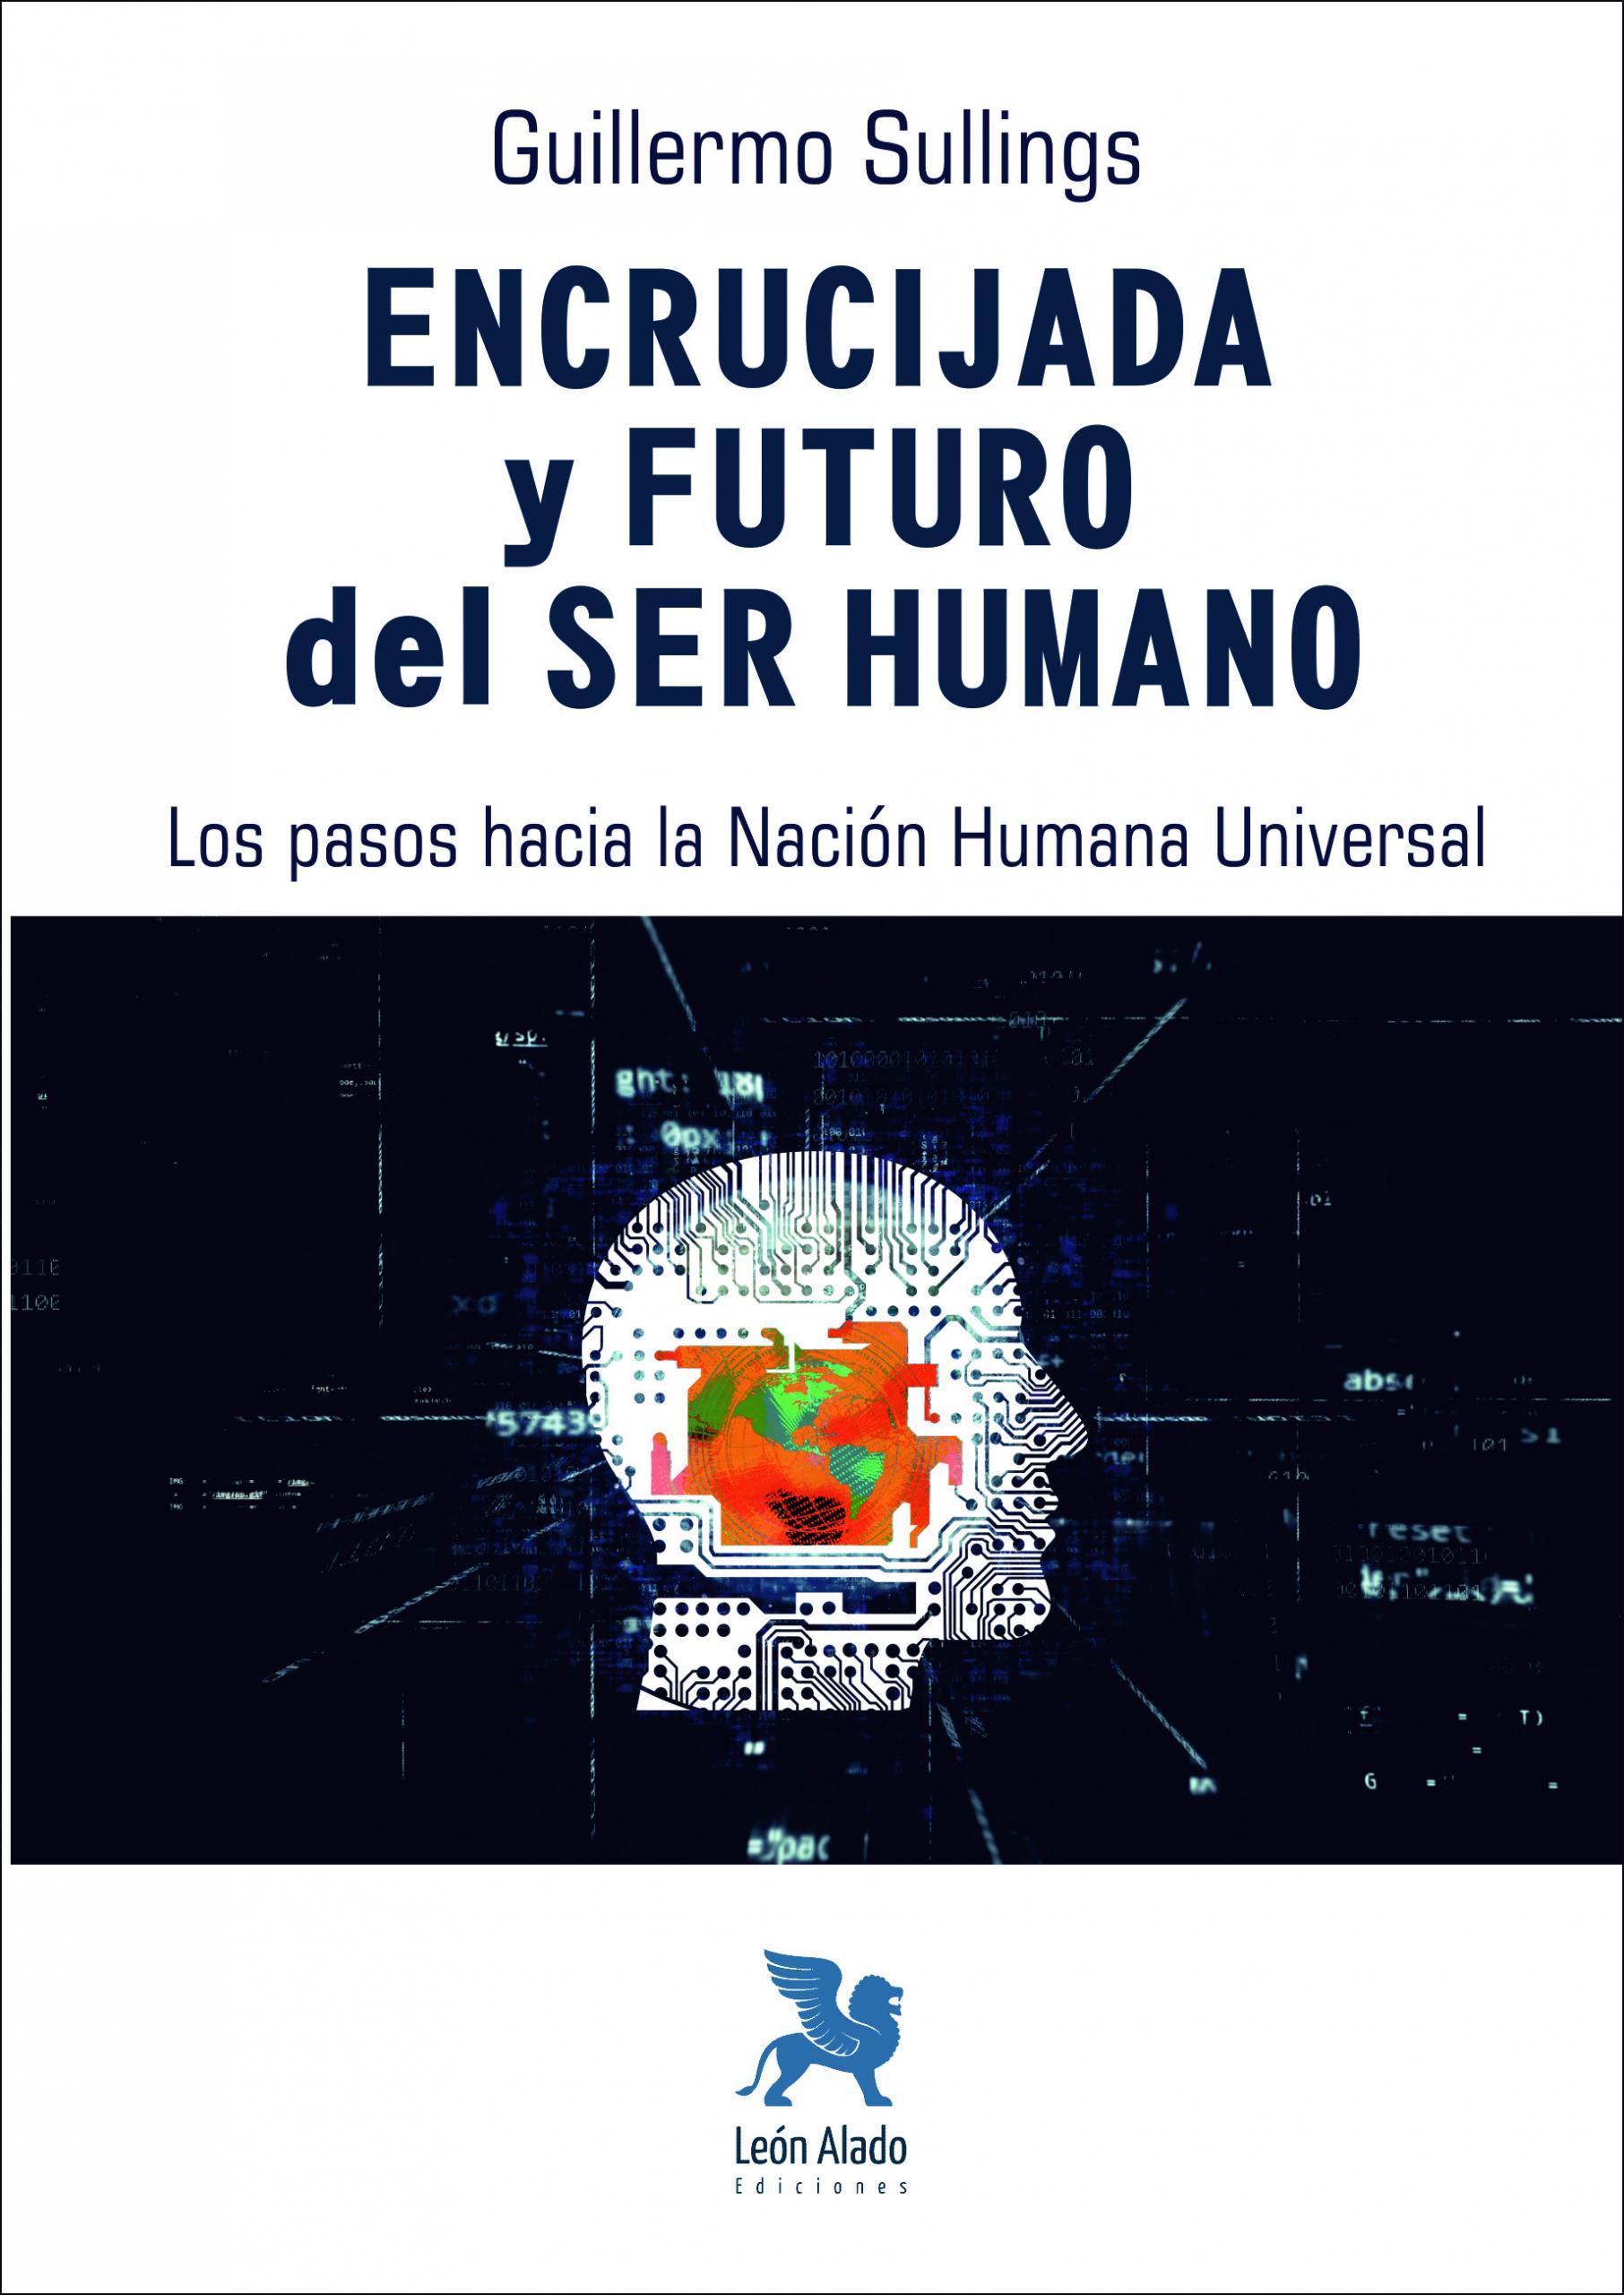 Encrucijada y futuro del ser humano